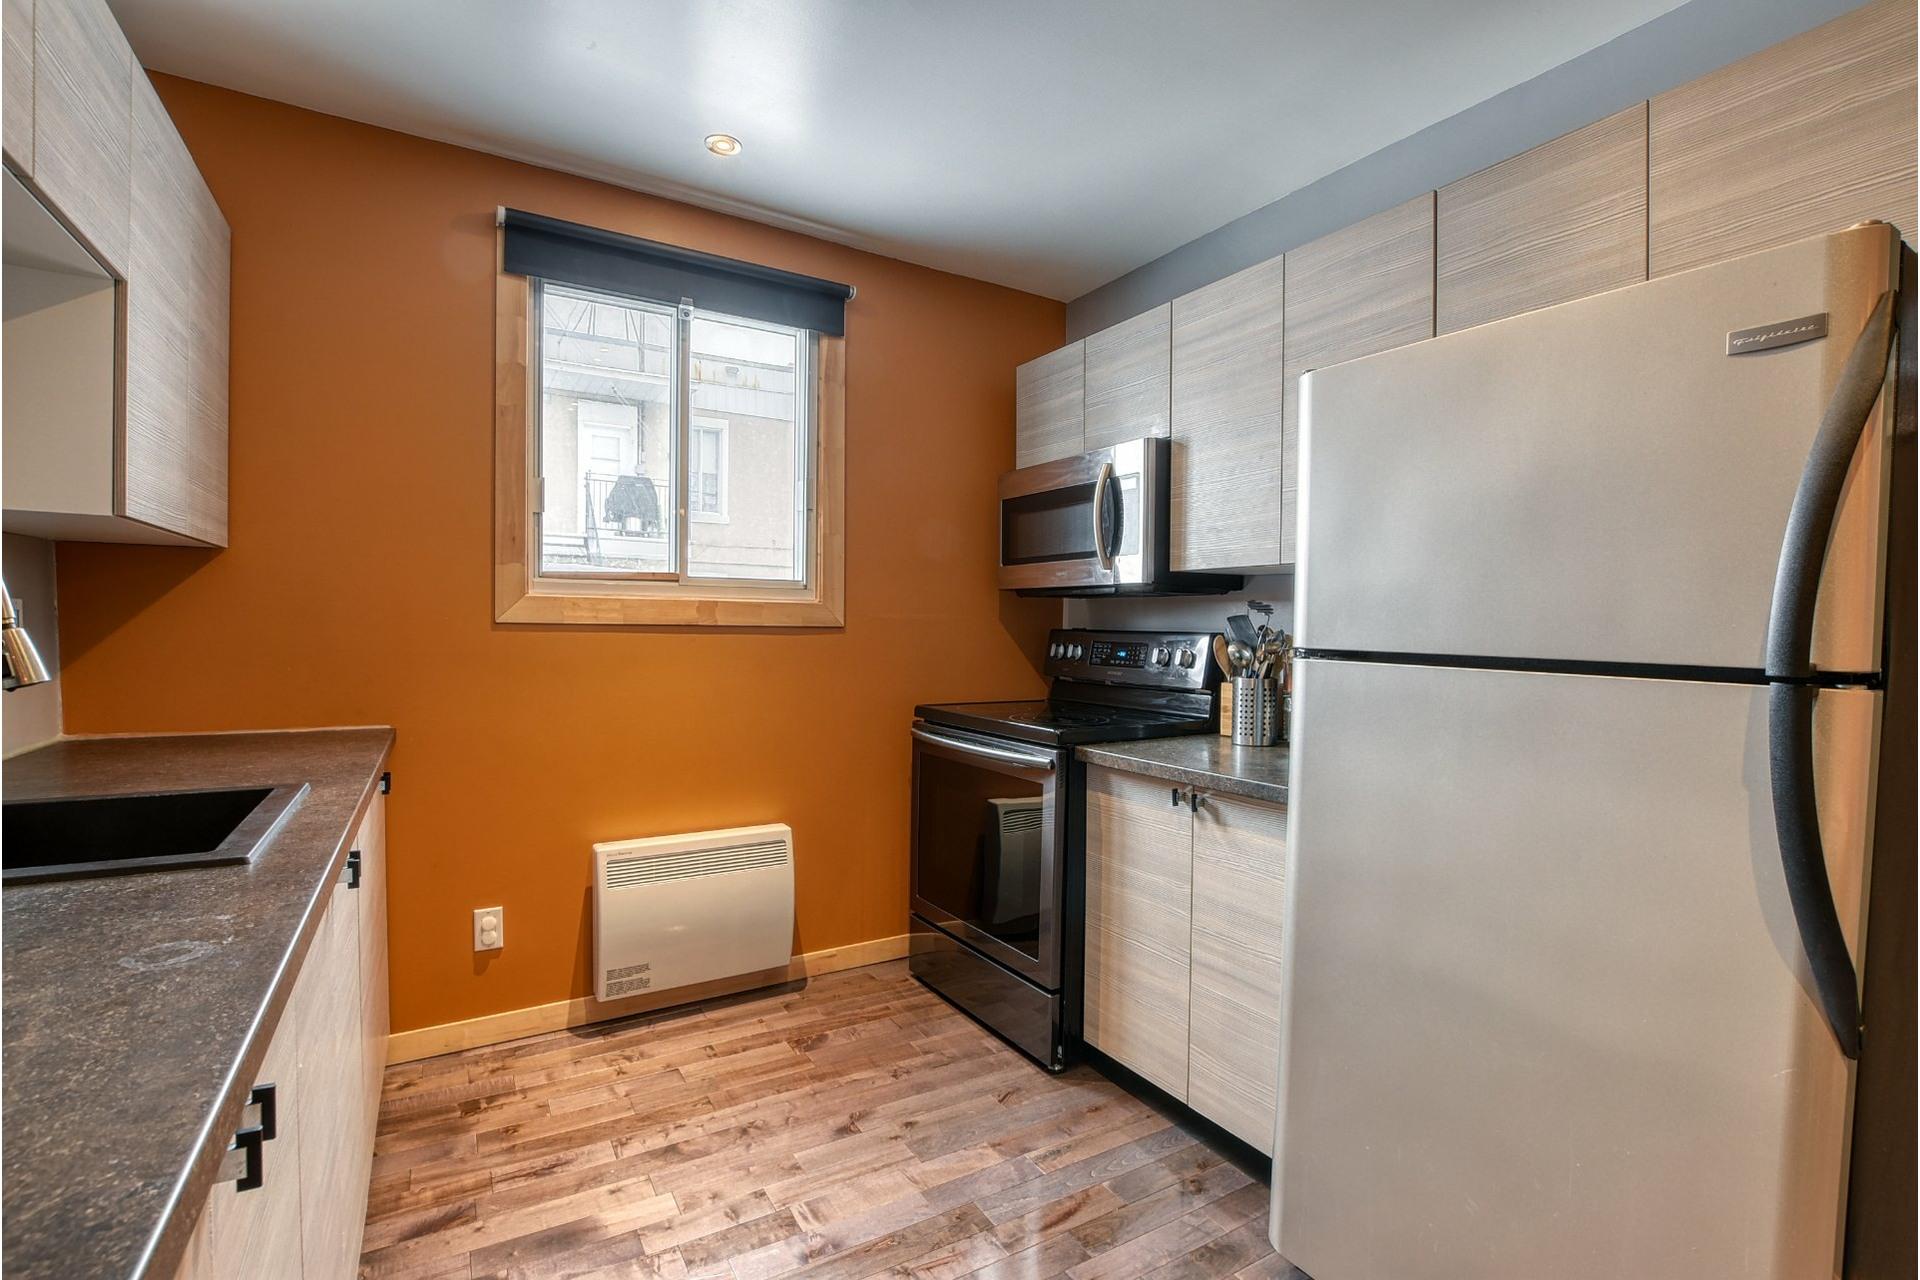 image 6 - House For sale Lachine Montréal  - 5 rooms